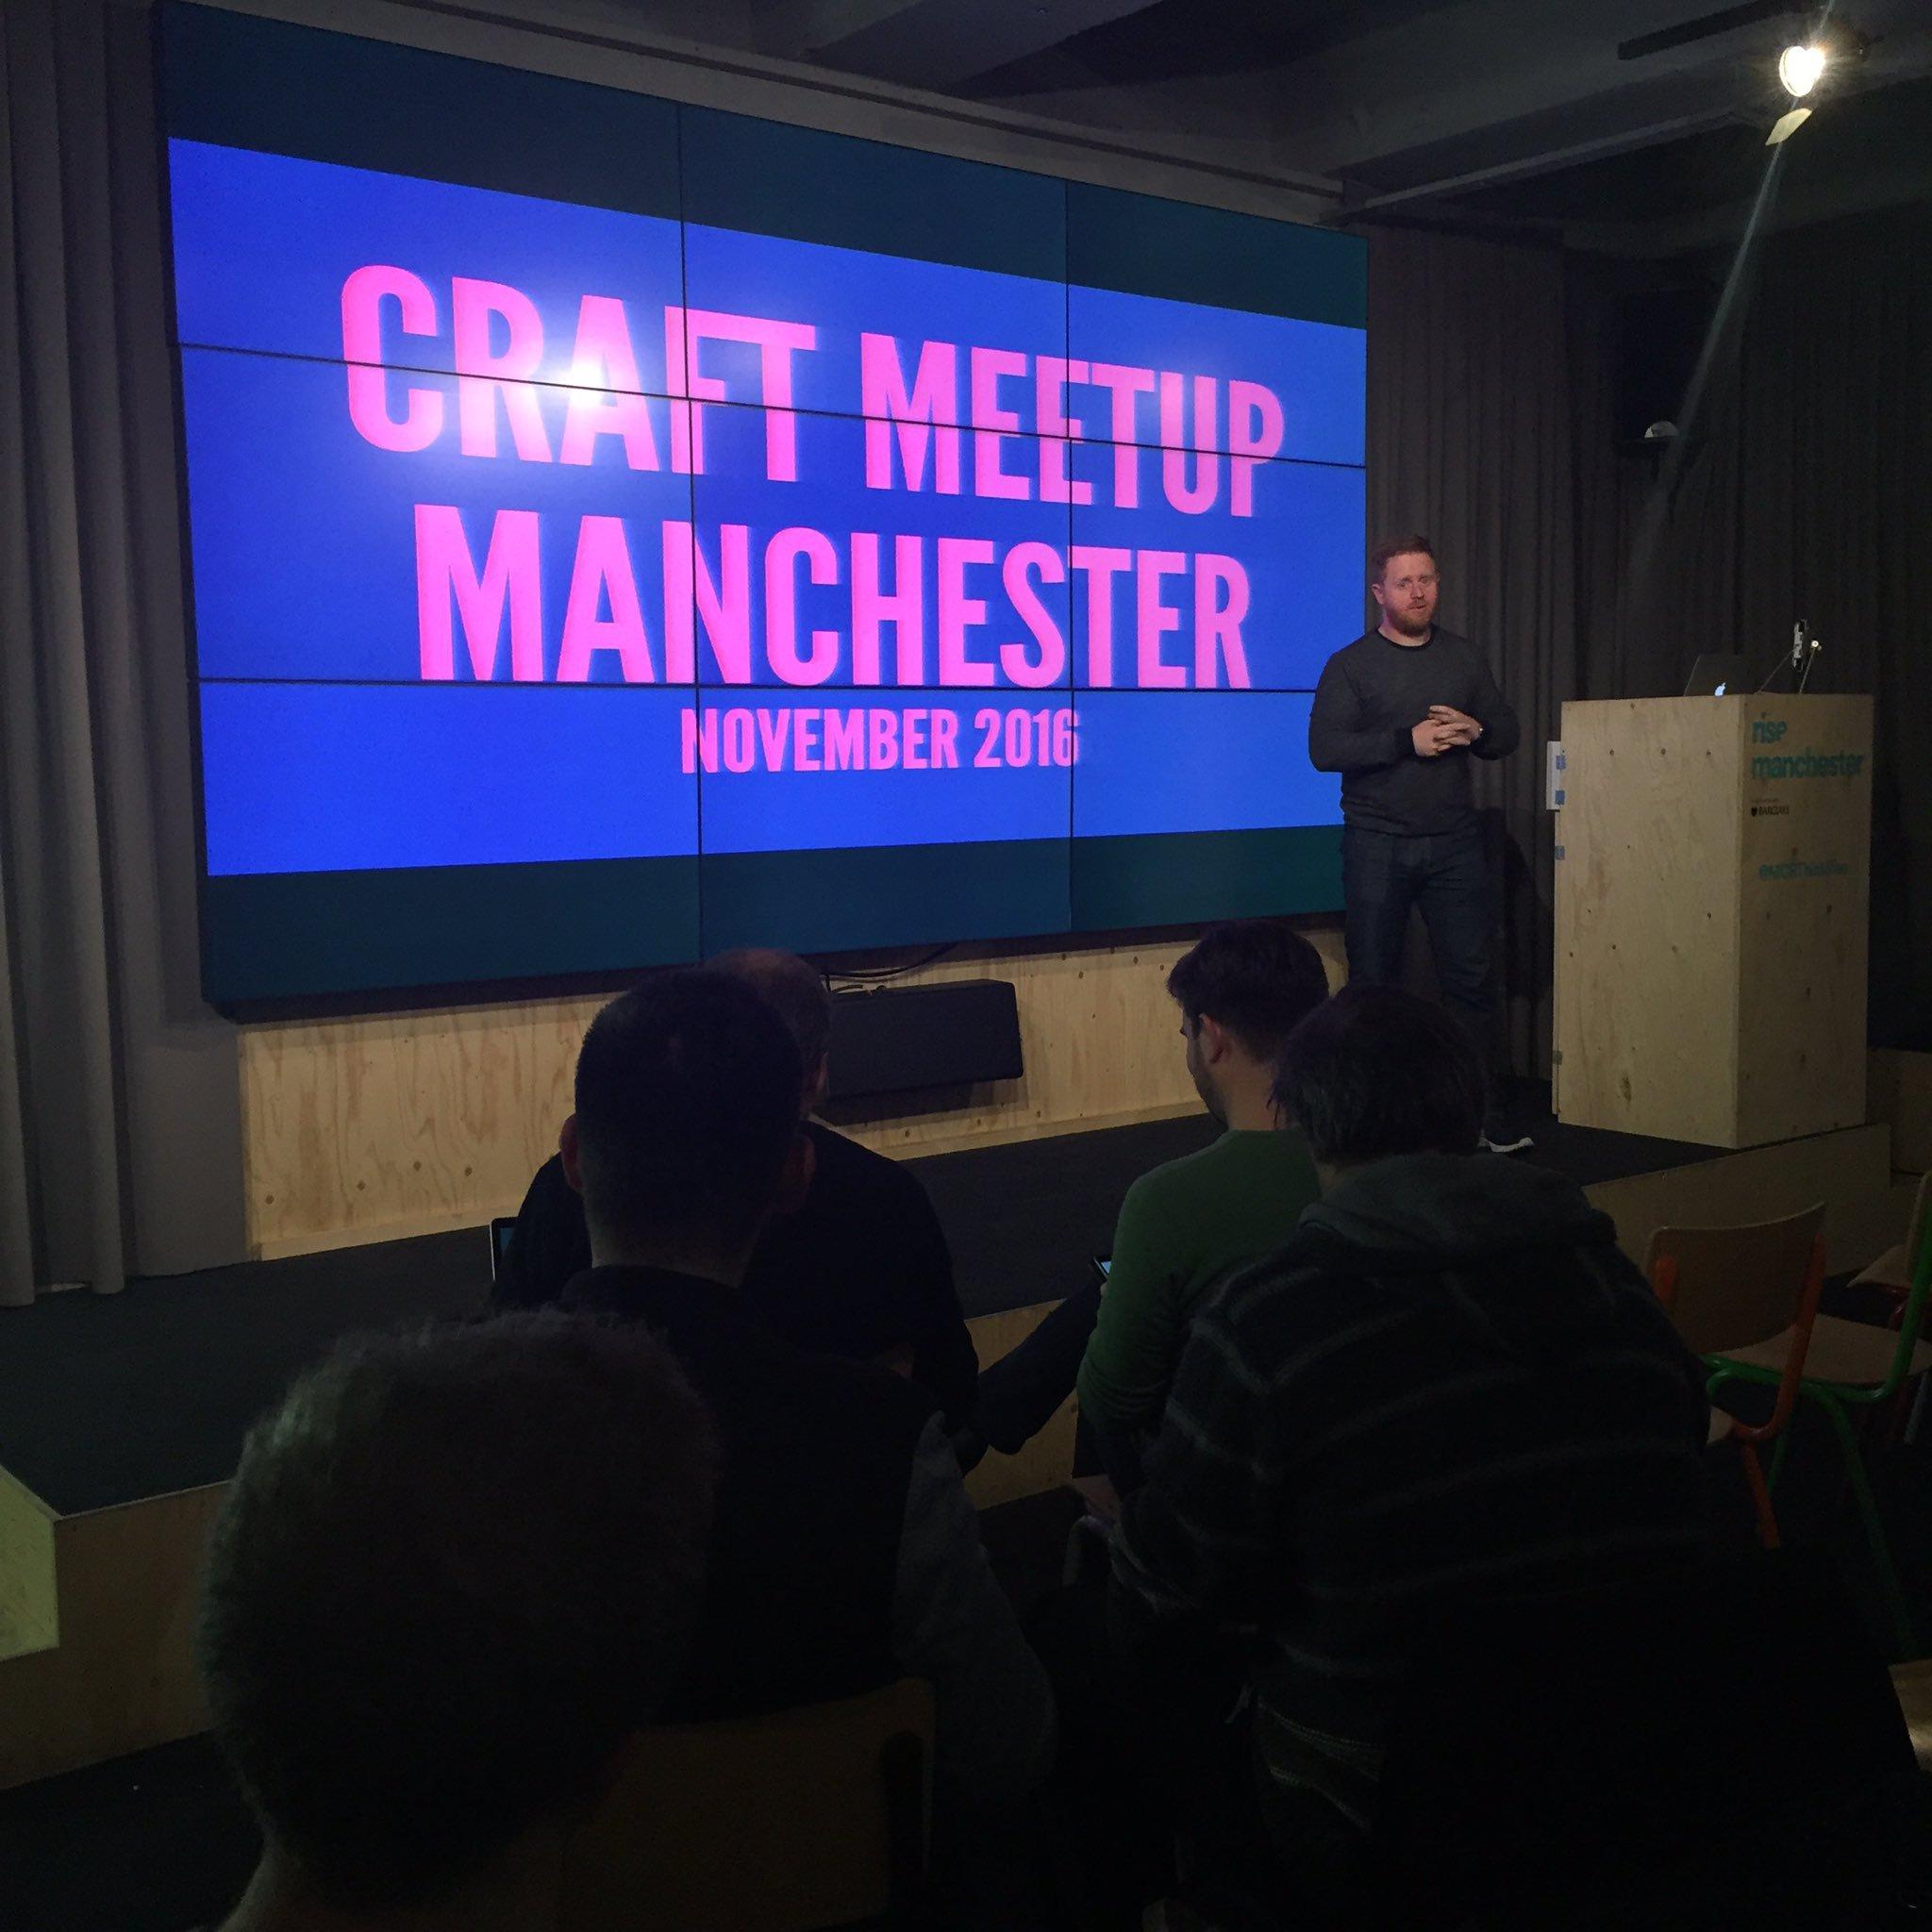 Craft CMS Manchester